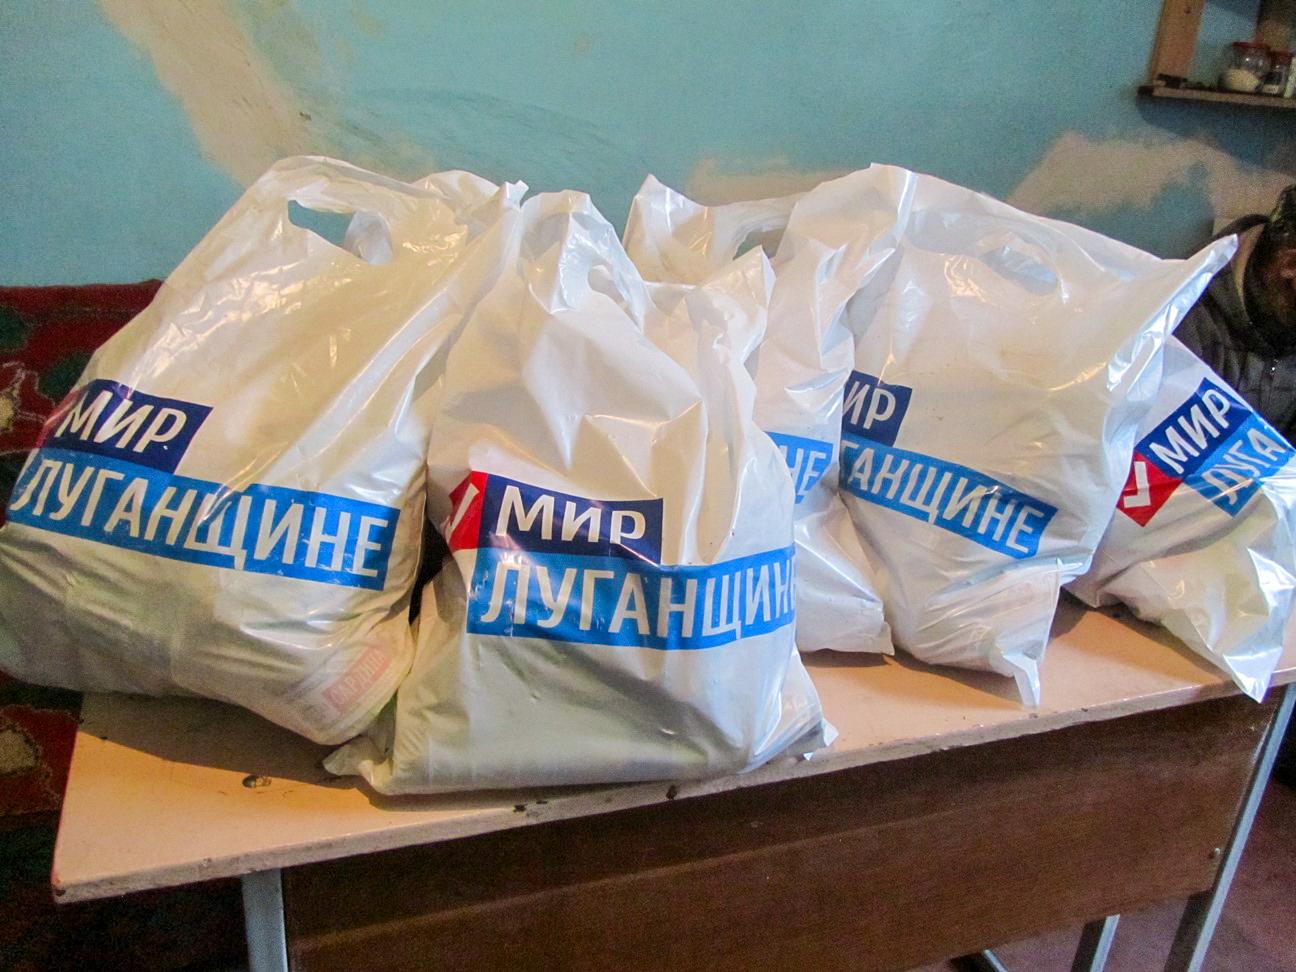 Жители Кировска получили продуктовые наборы от проекта «Волонтёр» 2